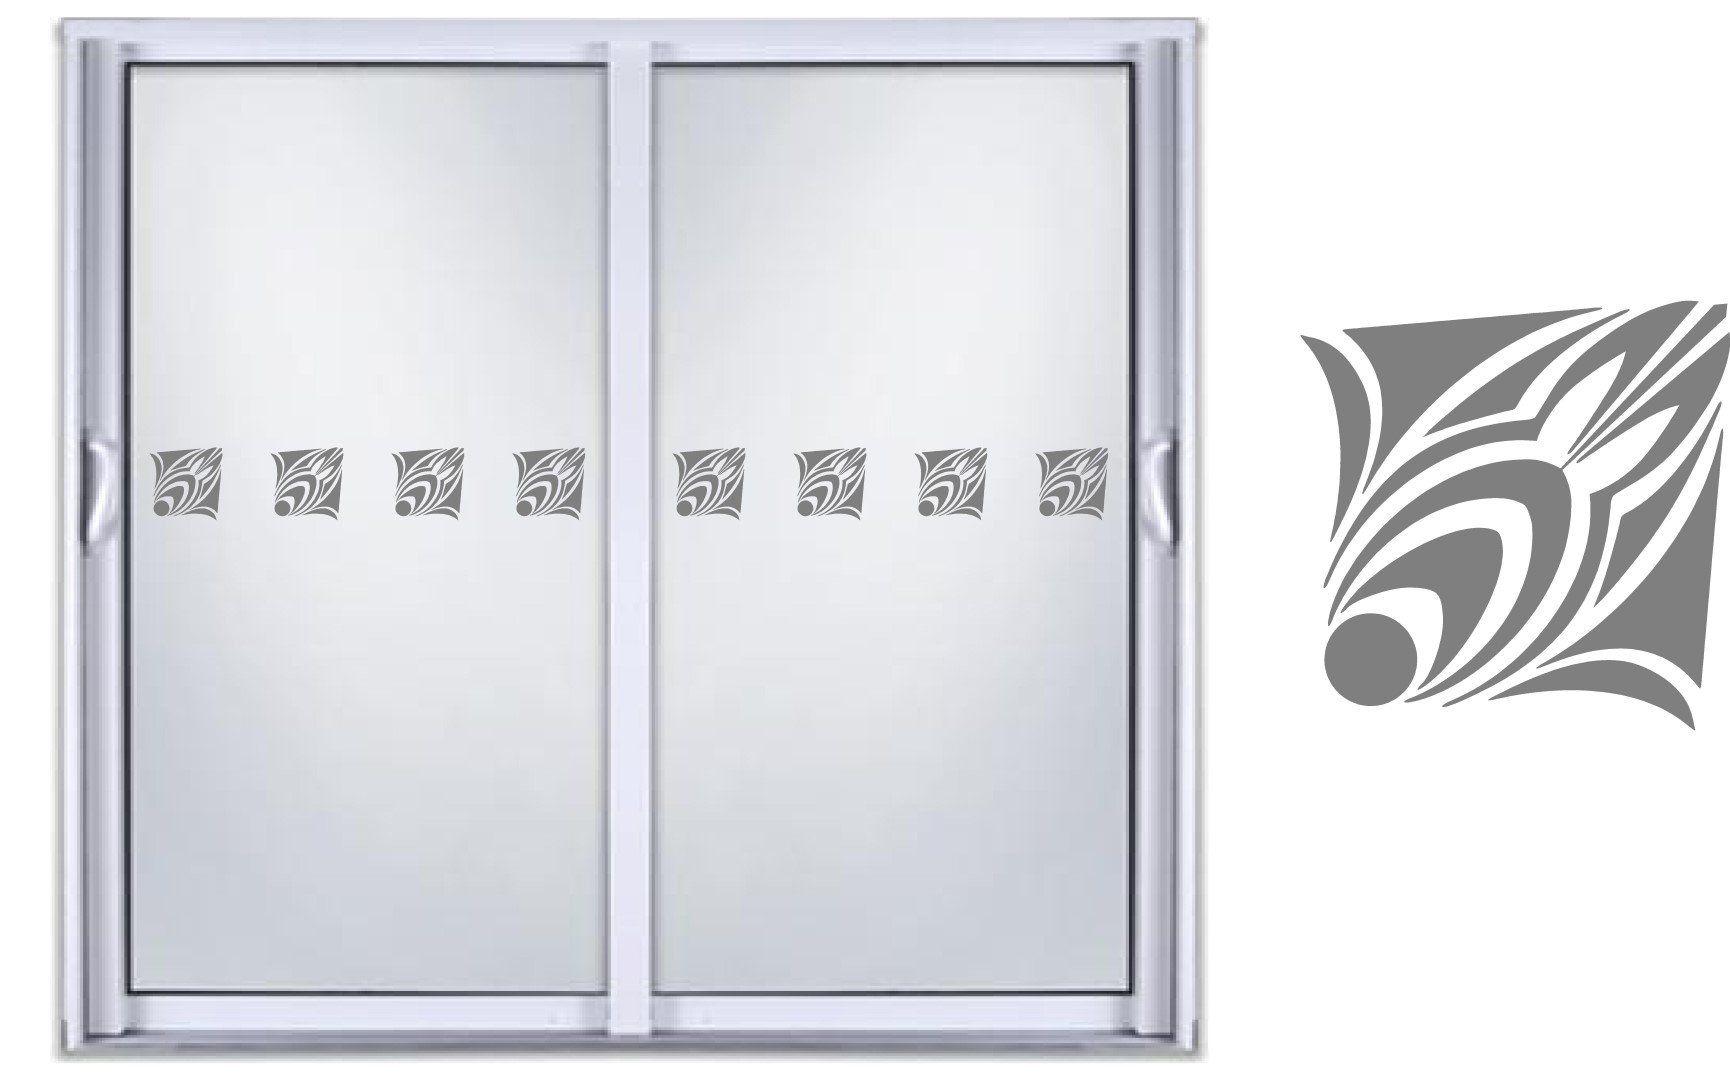 Safety diy etched glass vinyl privacy film glass door decals sliding door window decal stickers 01